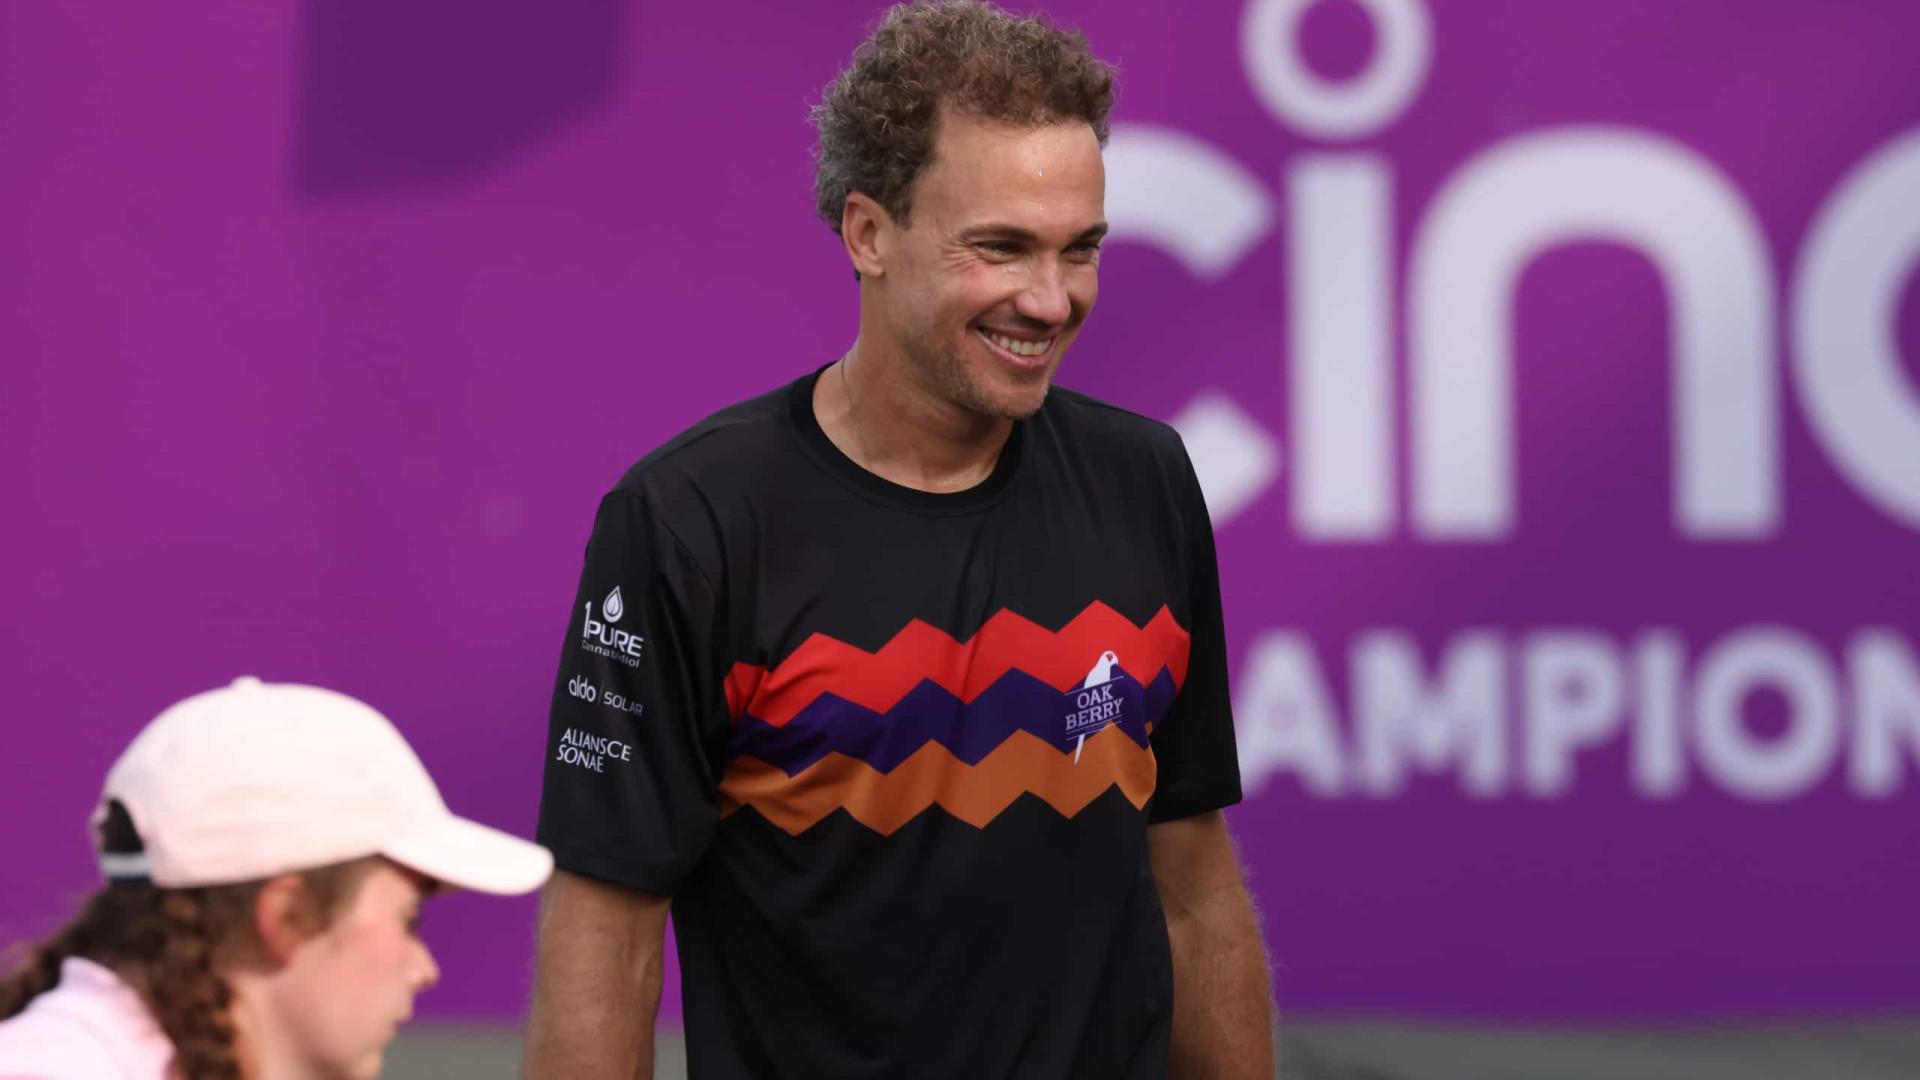 Fora da Olimpíada, Bruno Soares é operado e detalha drama antes de cirurgia